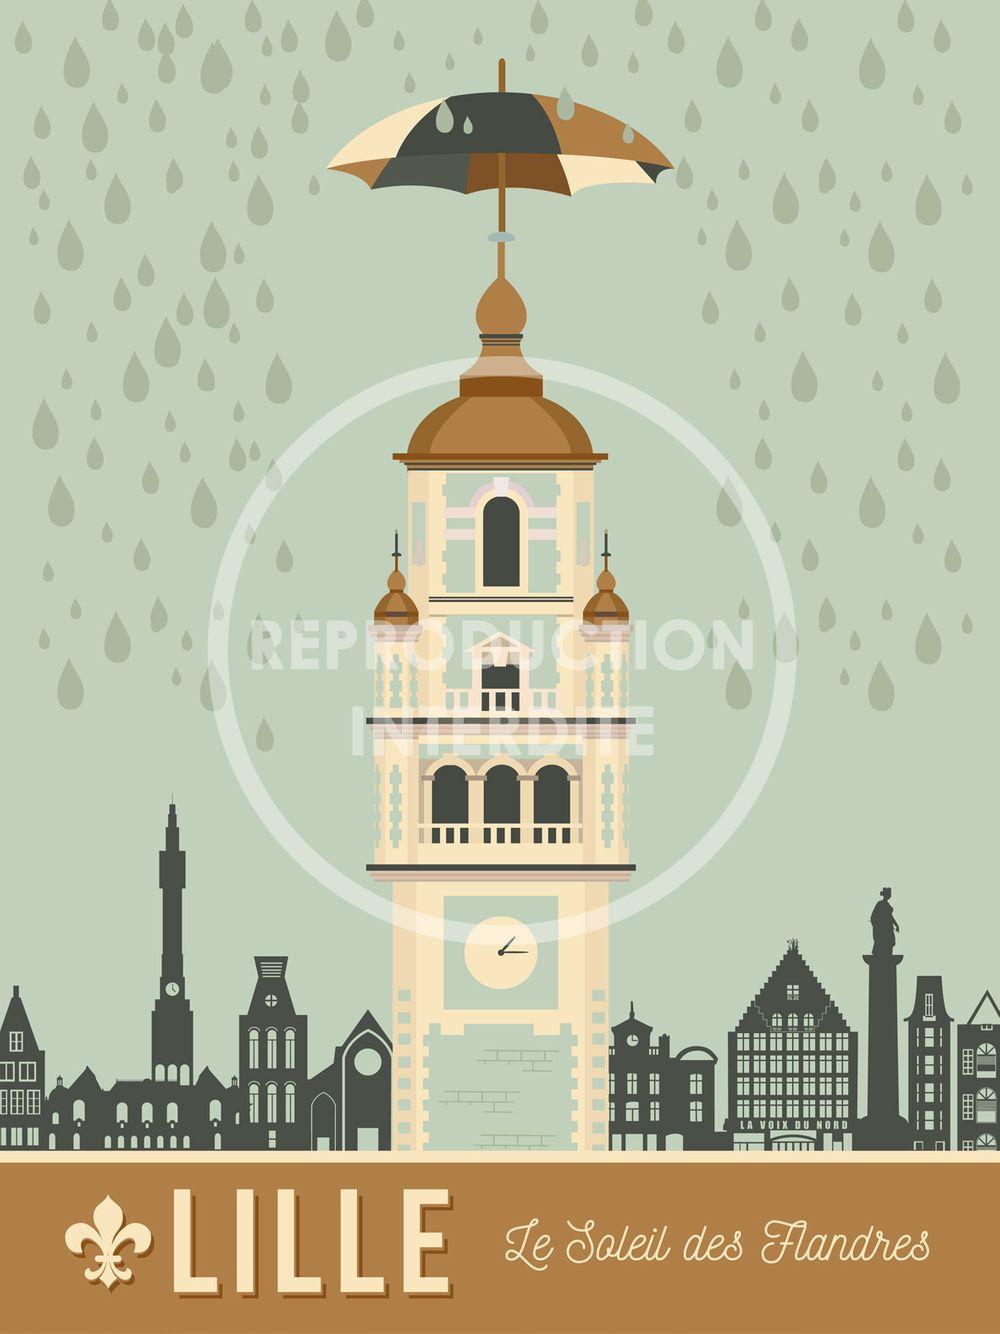 Sacree Lilloise Affiche Soleil Des Flandres 2 Affiche Idee